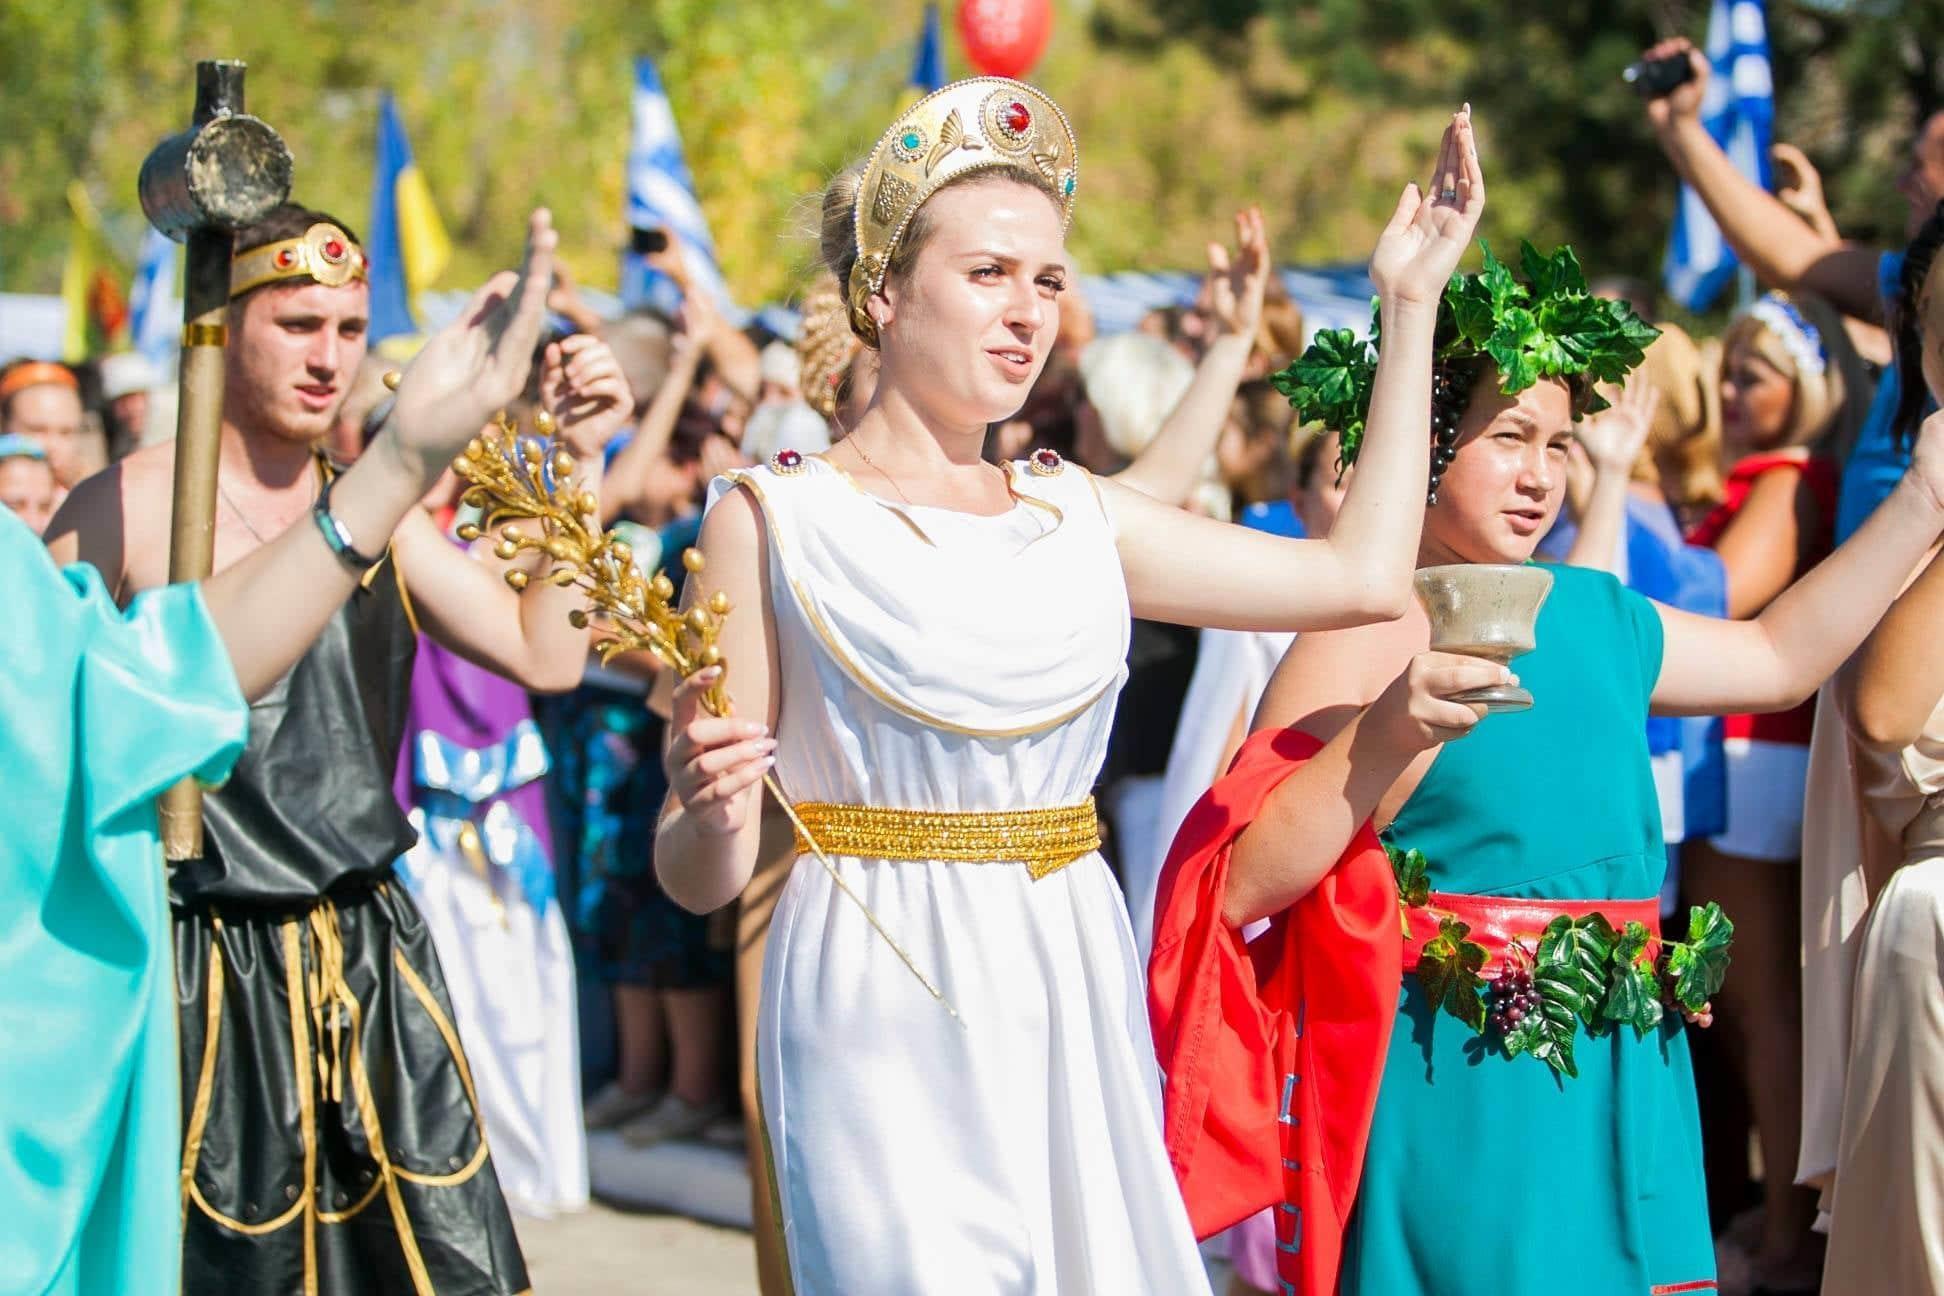 Фестиваль греческой культуры Мега-Юрты, который раз в 2 года проводят в Донецкой области